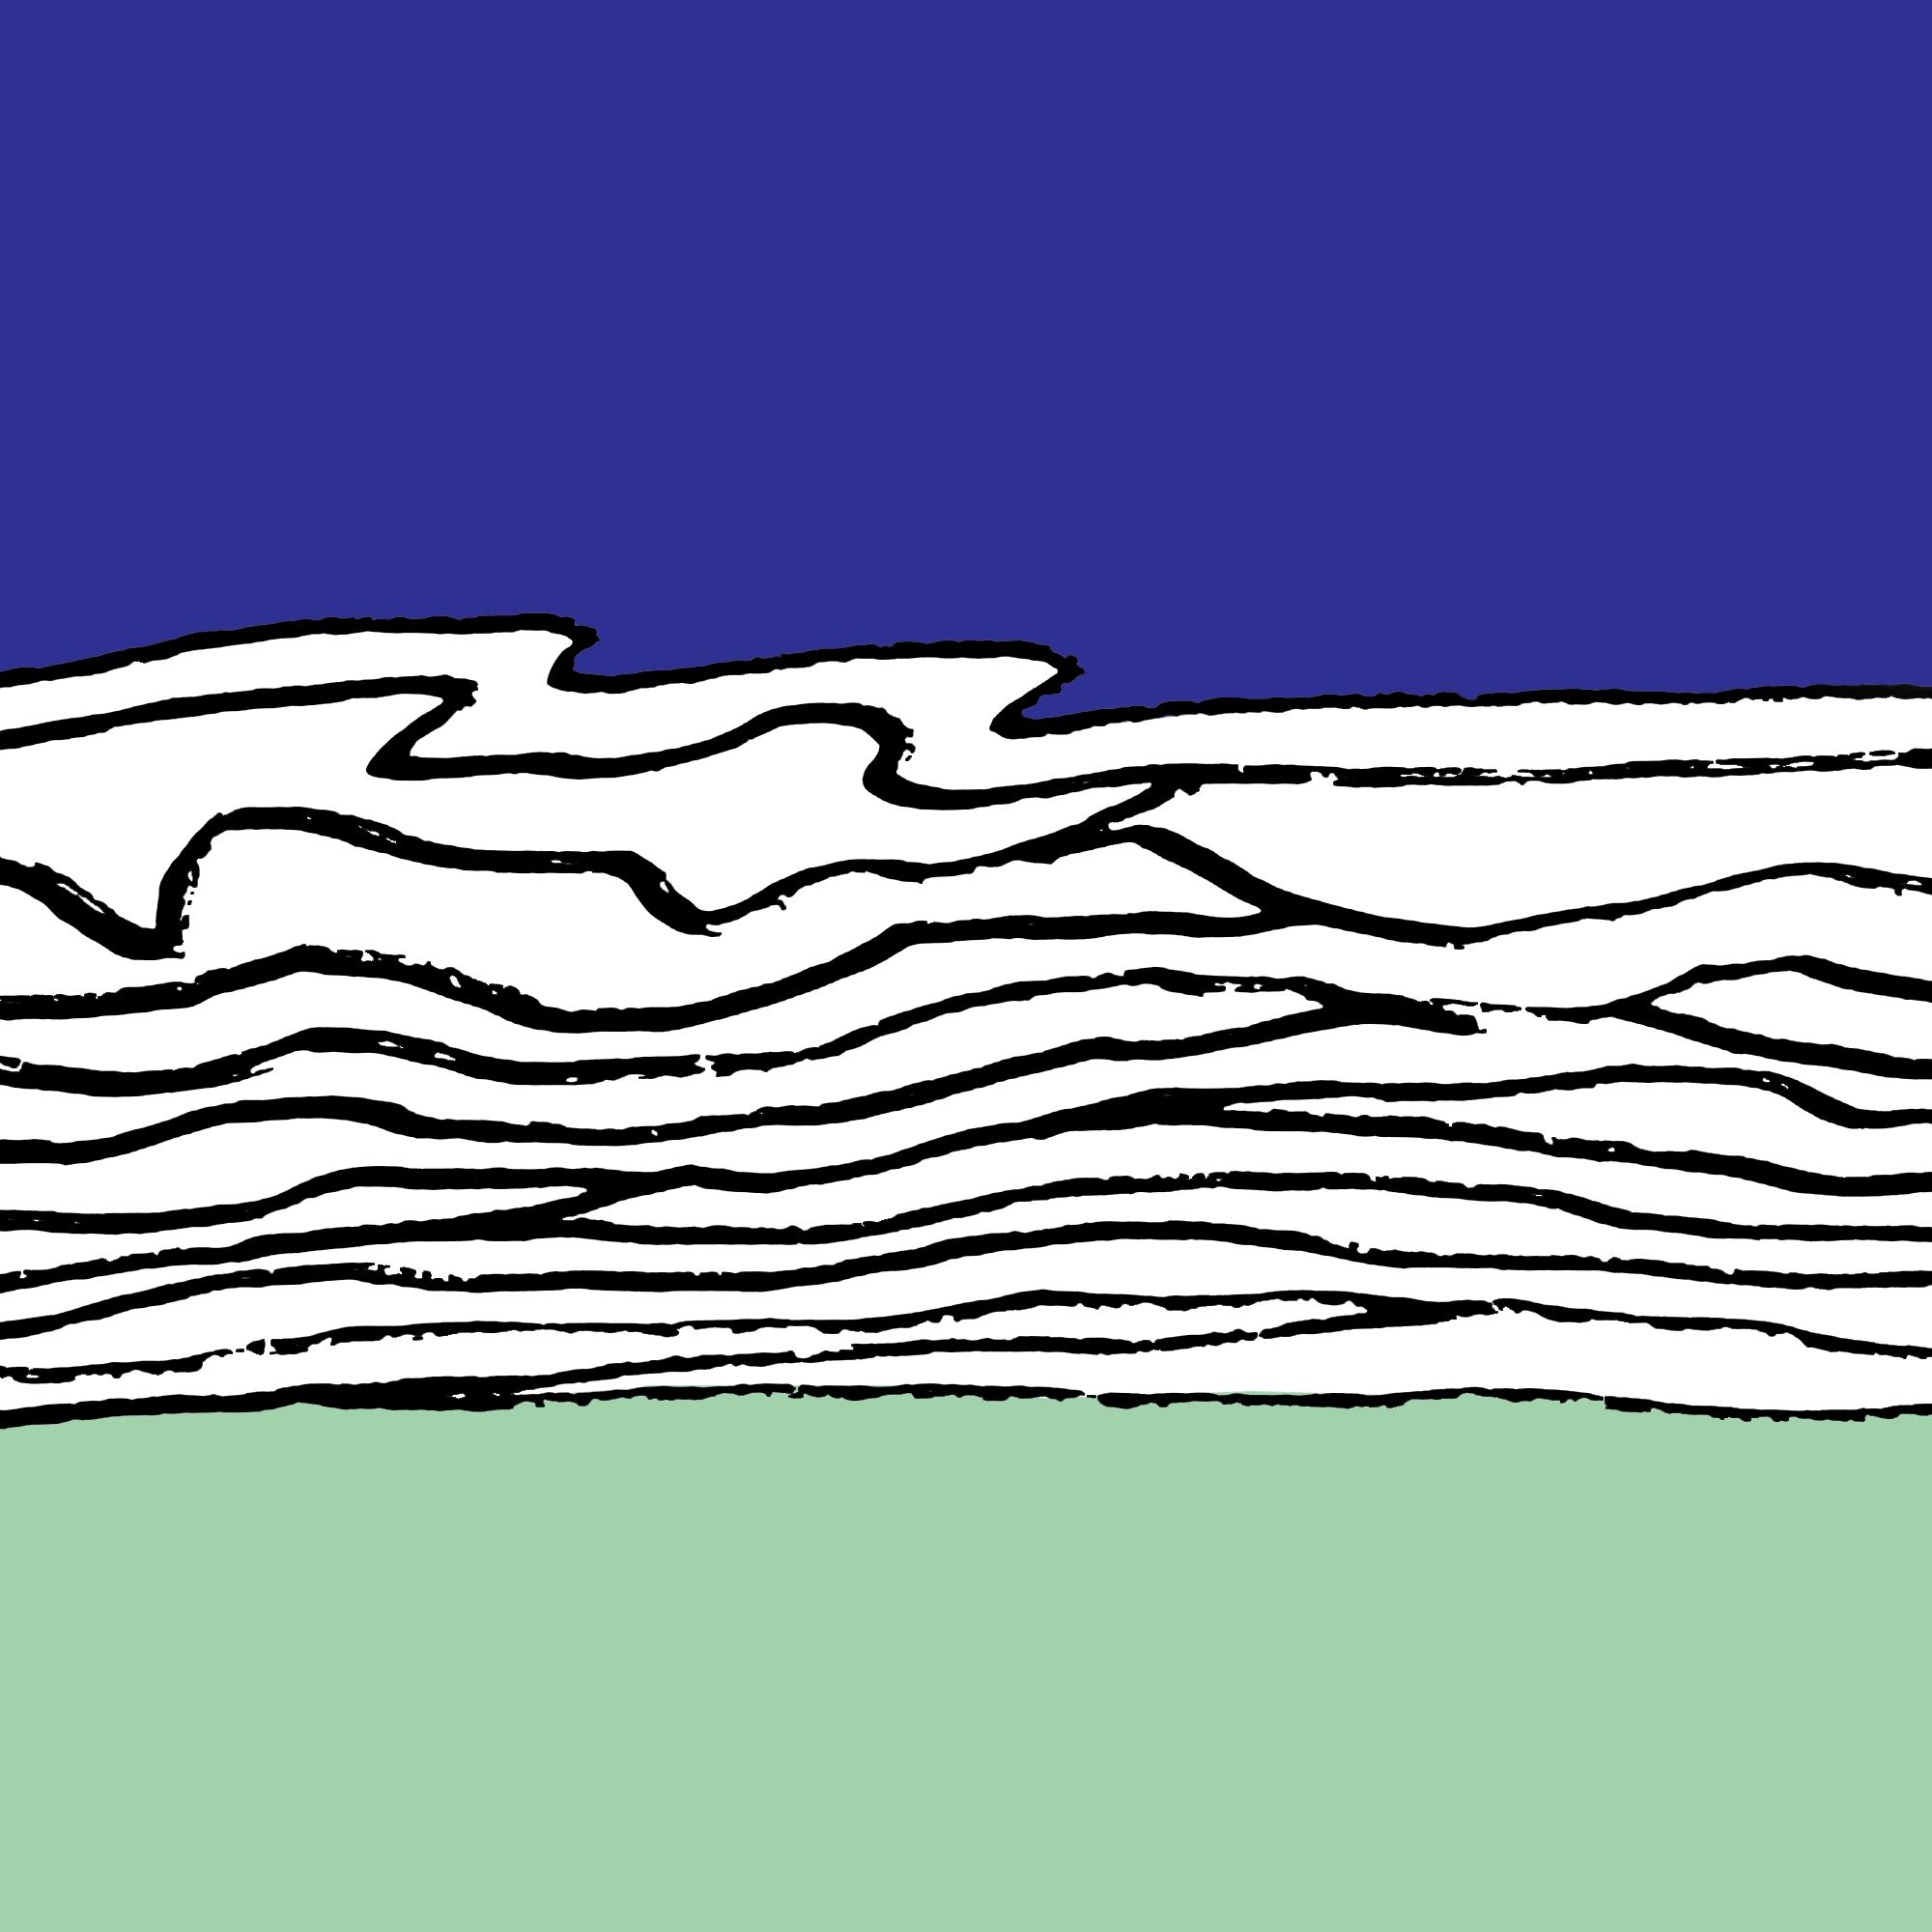 Barwna abstrakcyjna grafika w formacie kwadratu. Po środku czarne poziome falowane linie na białym tle. Ponad nimi pas koloru niebieskiego, pod nimi pas koloru zielonego.